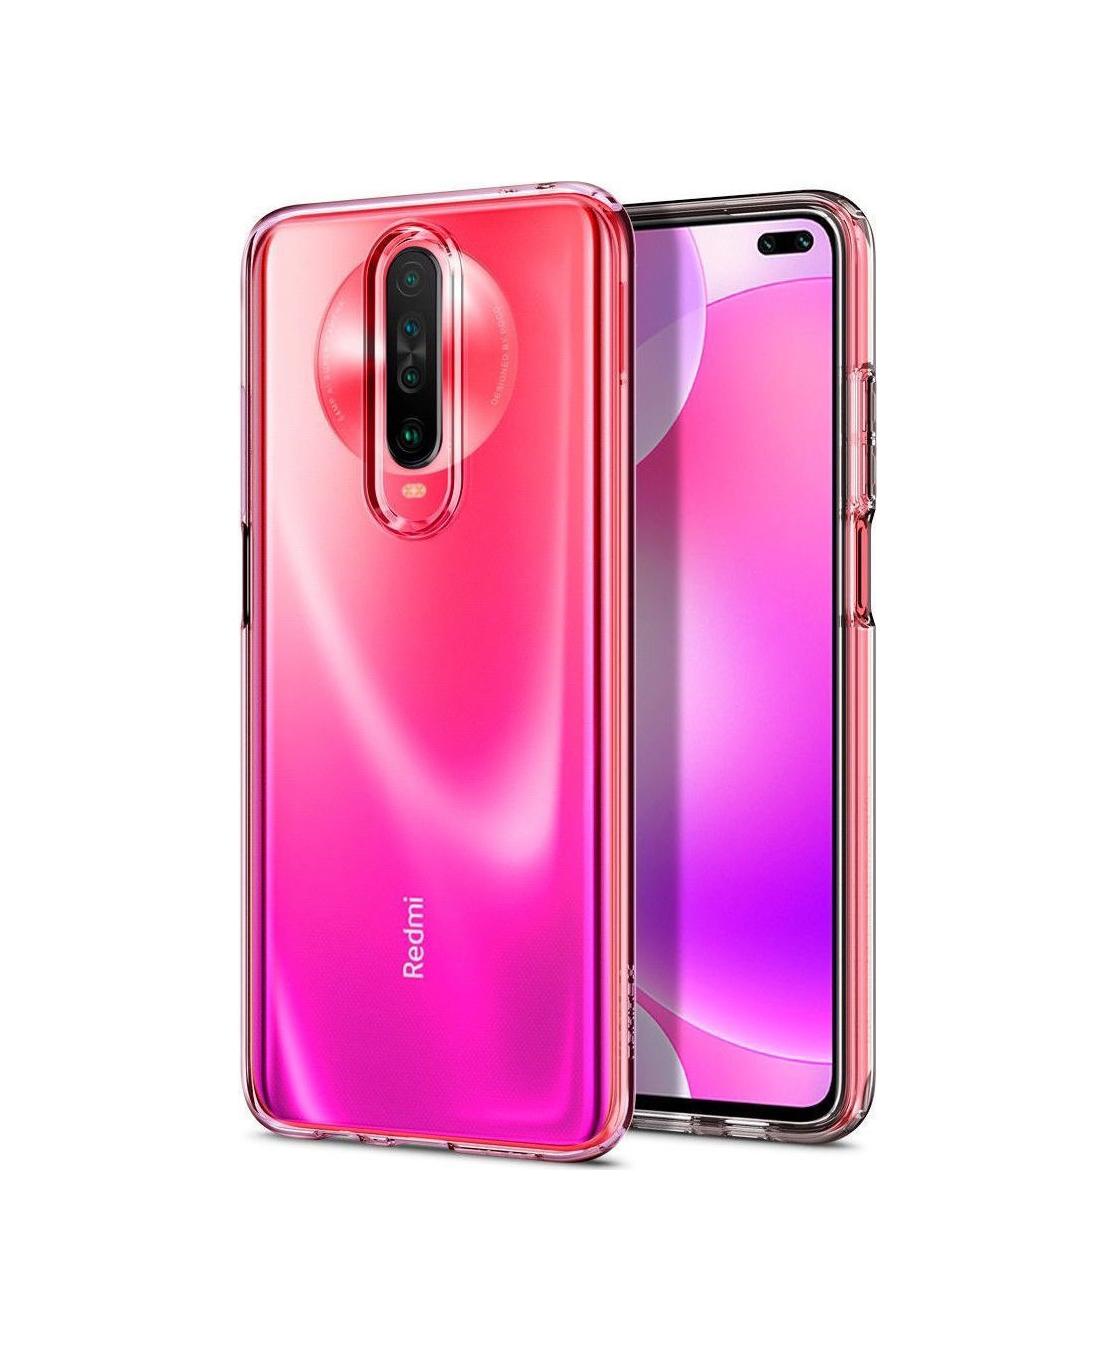 Θήκη Spigen Liquid Crystal για Xiaomi Pocophone X2/Redmi K30 Crystal CLear ACS00698